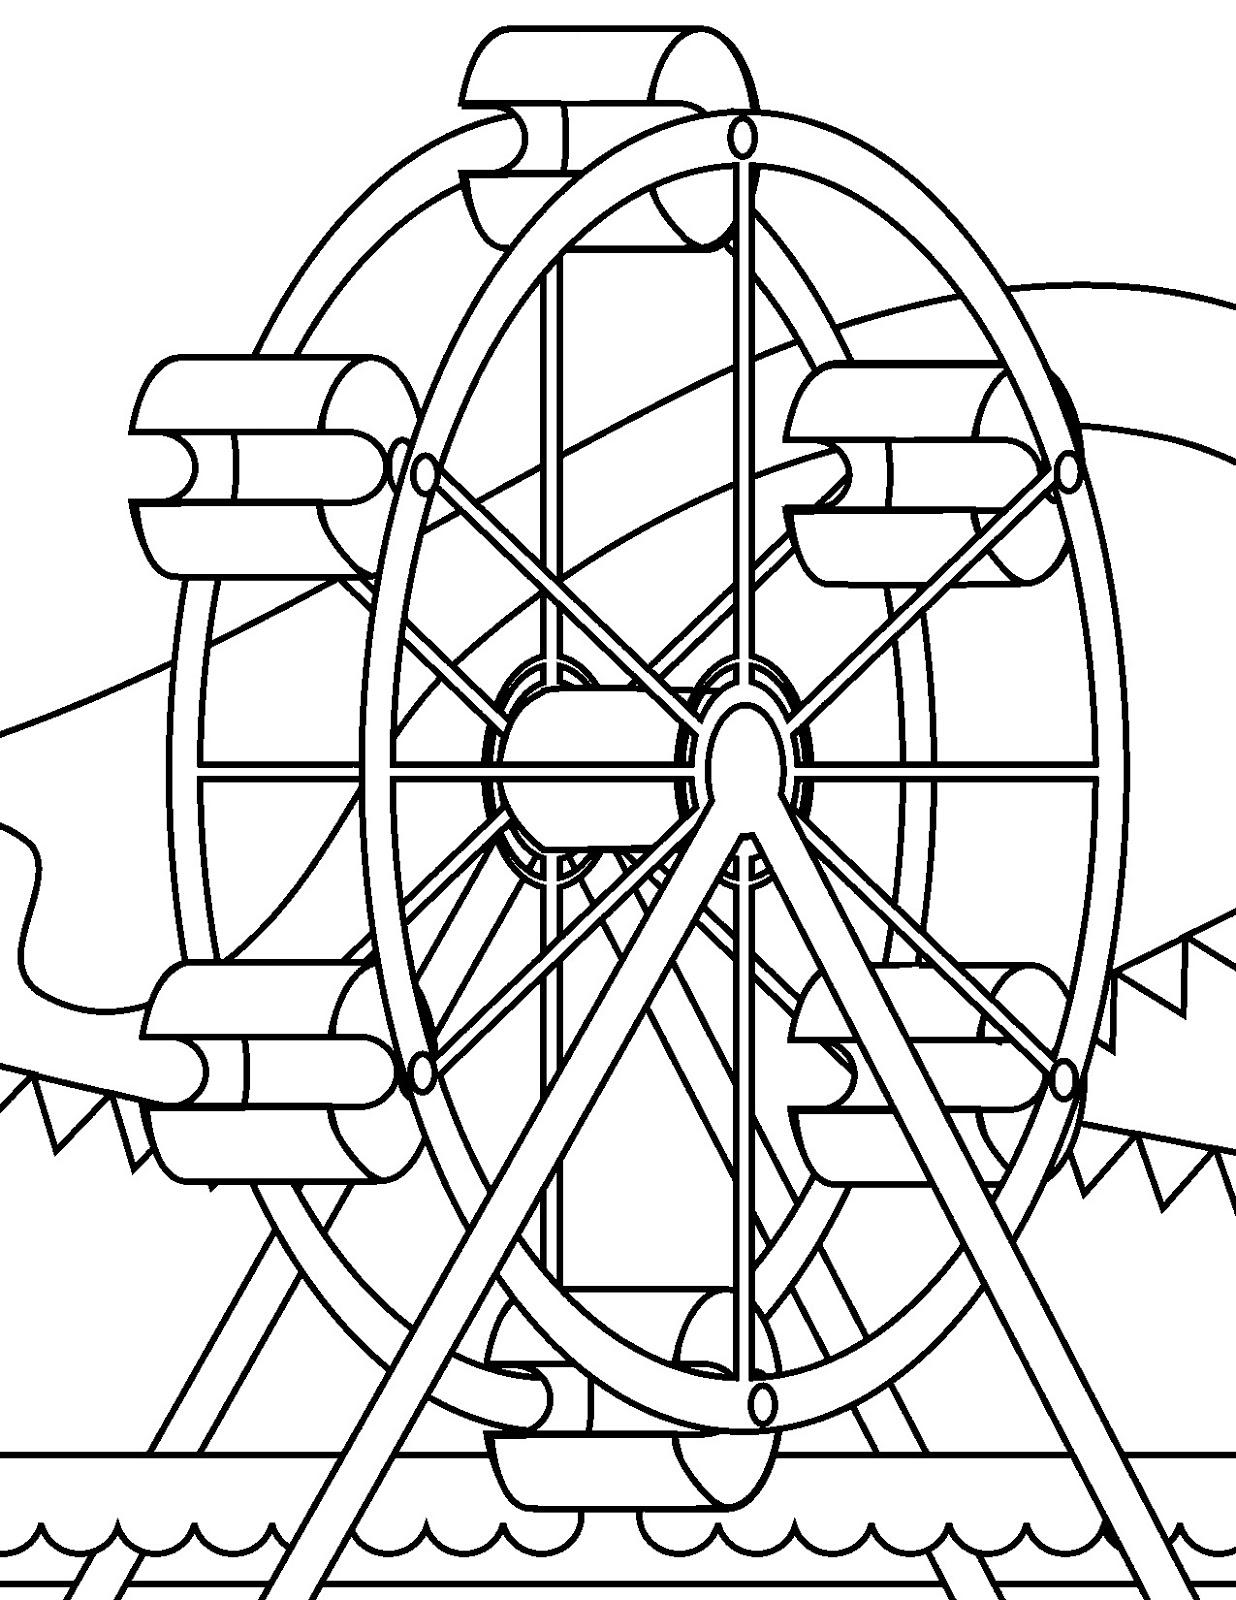 miscellaneous colouring pages miscellaneous amusement park